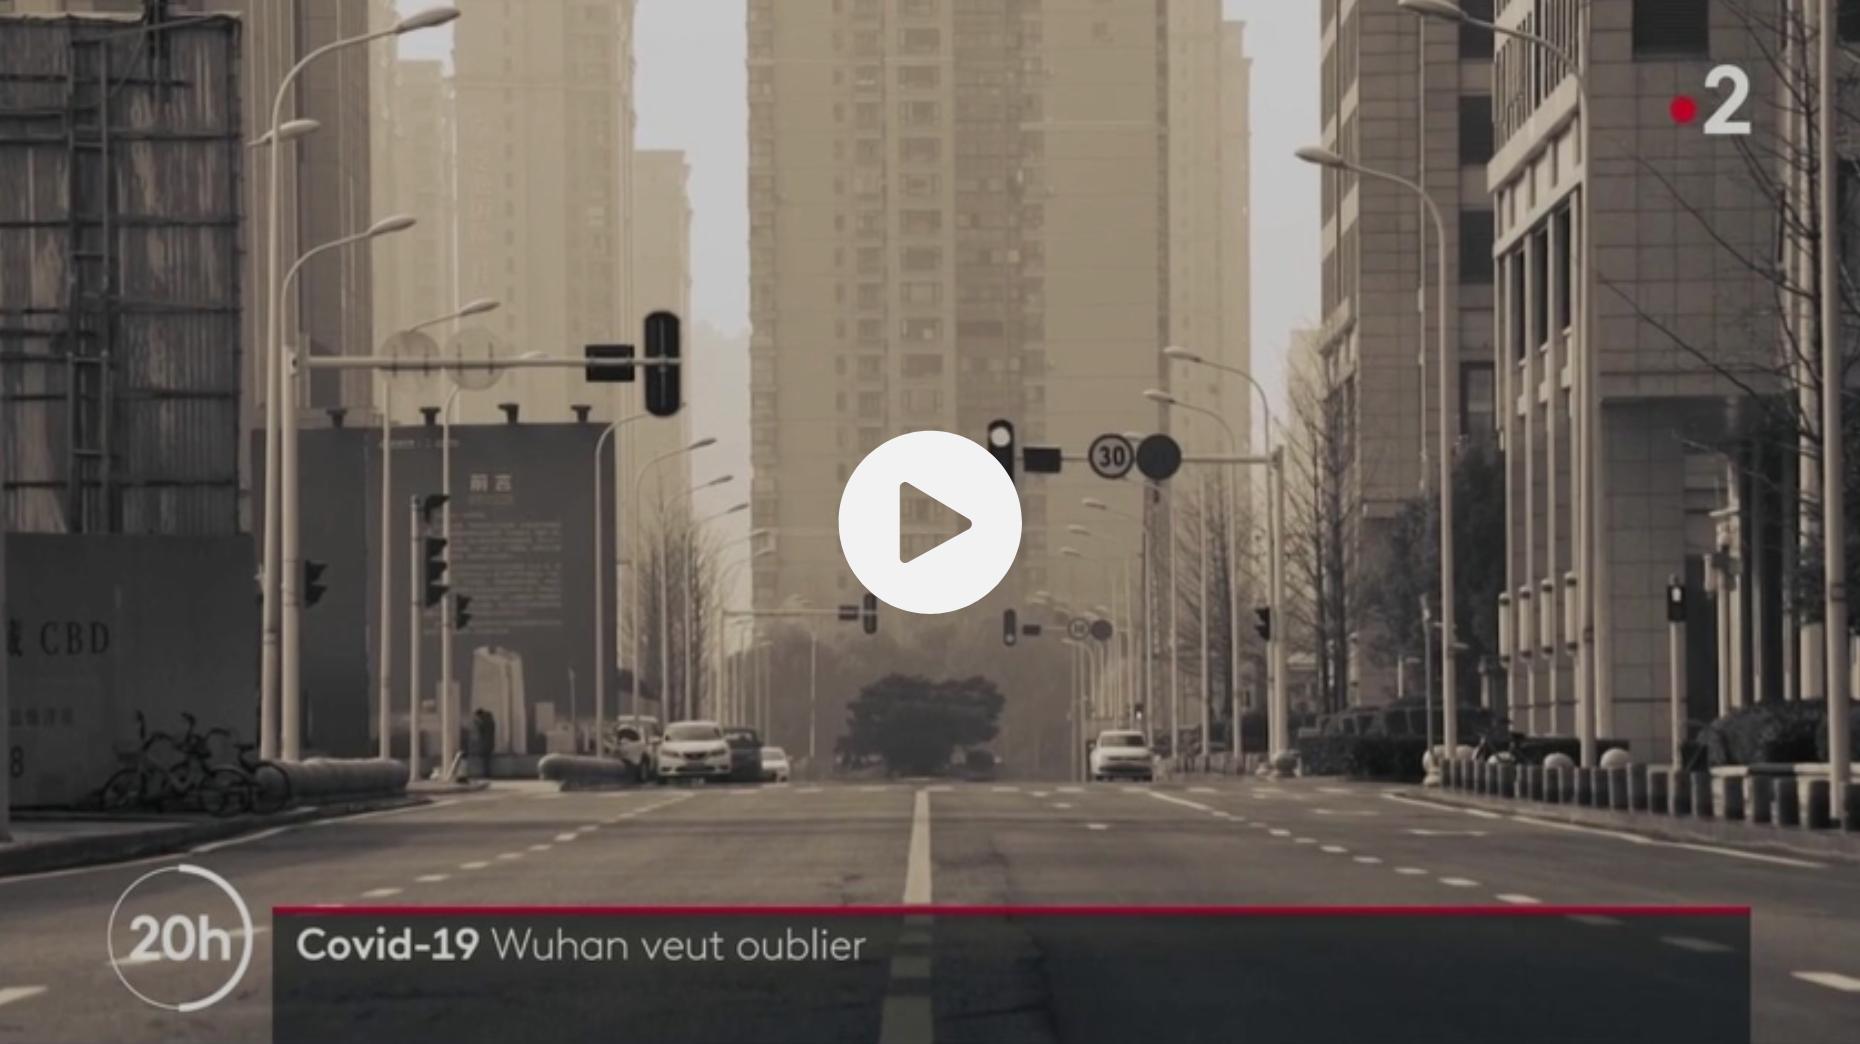 Covid-19 : À Wuhan, retour à la vie normale